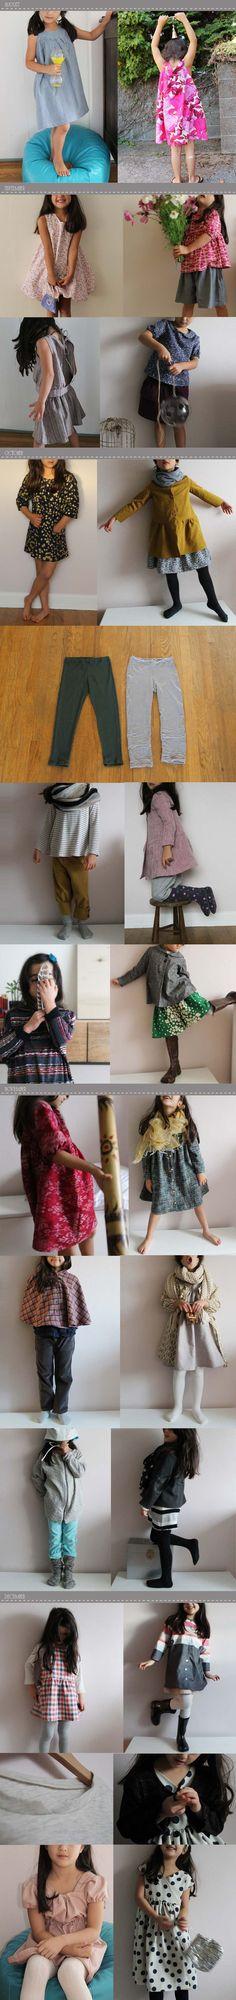 2012-handmade-clothes by Sanae Ishida